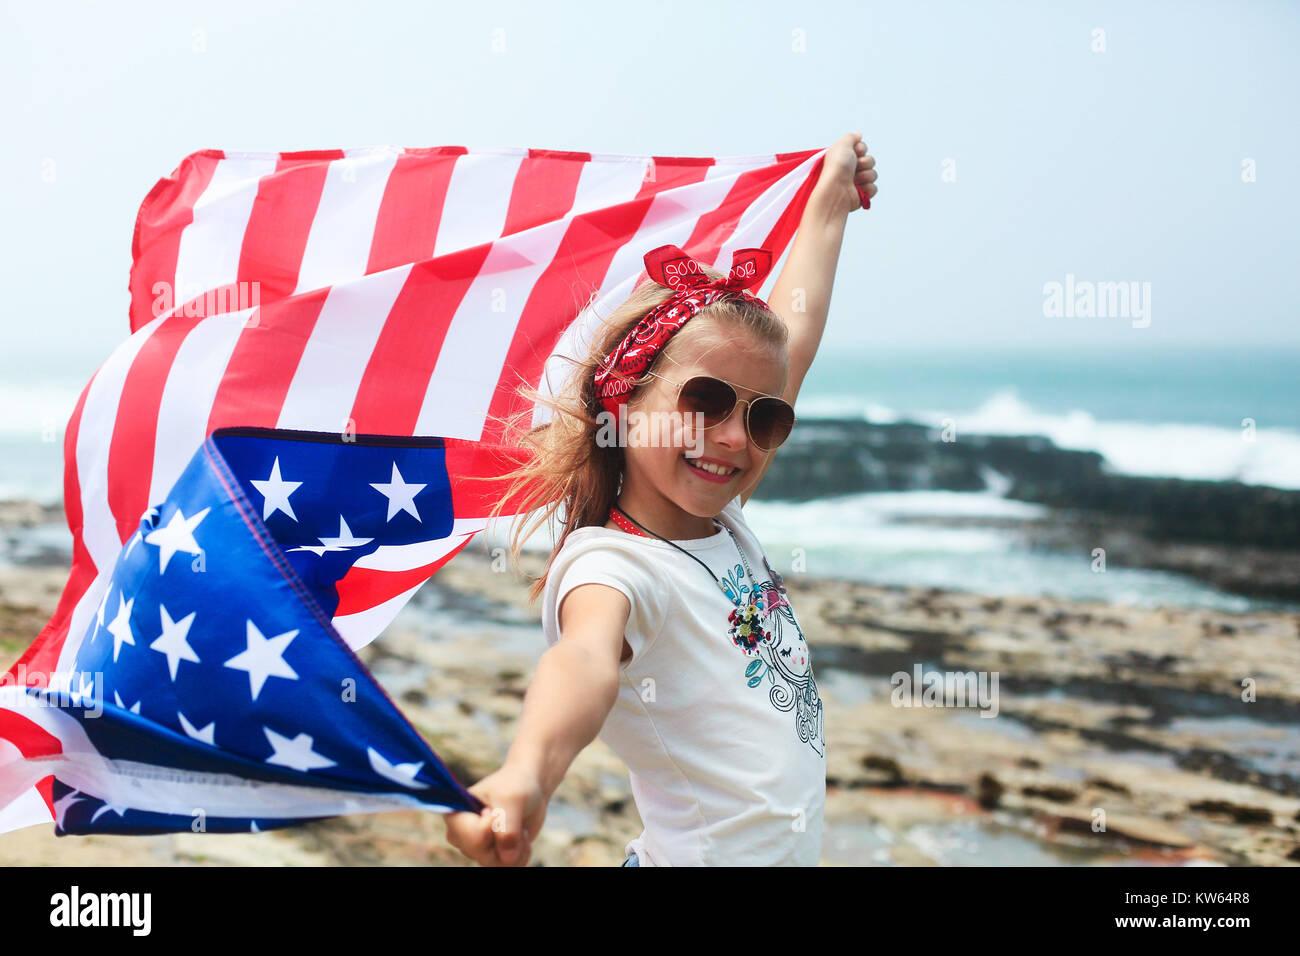 Smiling girl détient agitant drapeau américain USA Le jour de l'indépendance (4 juillet) Banque D'Images